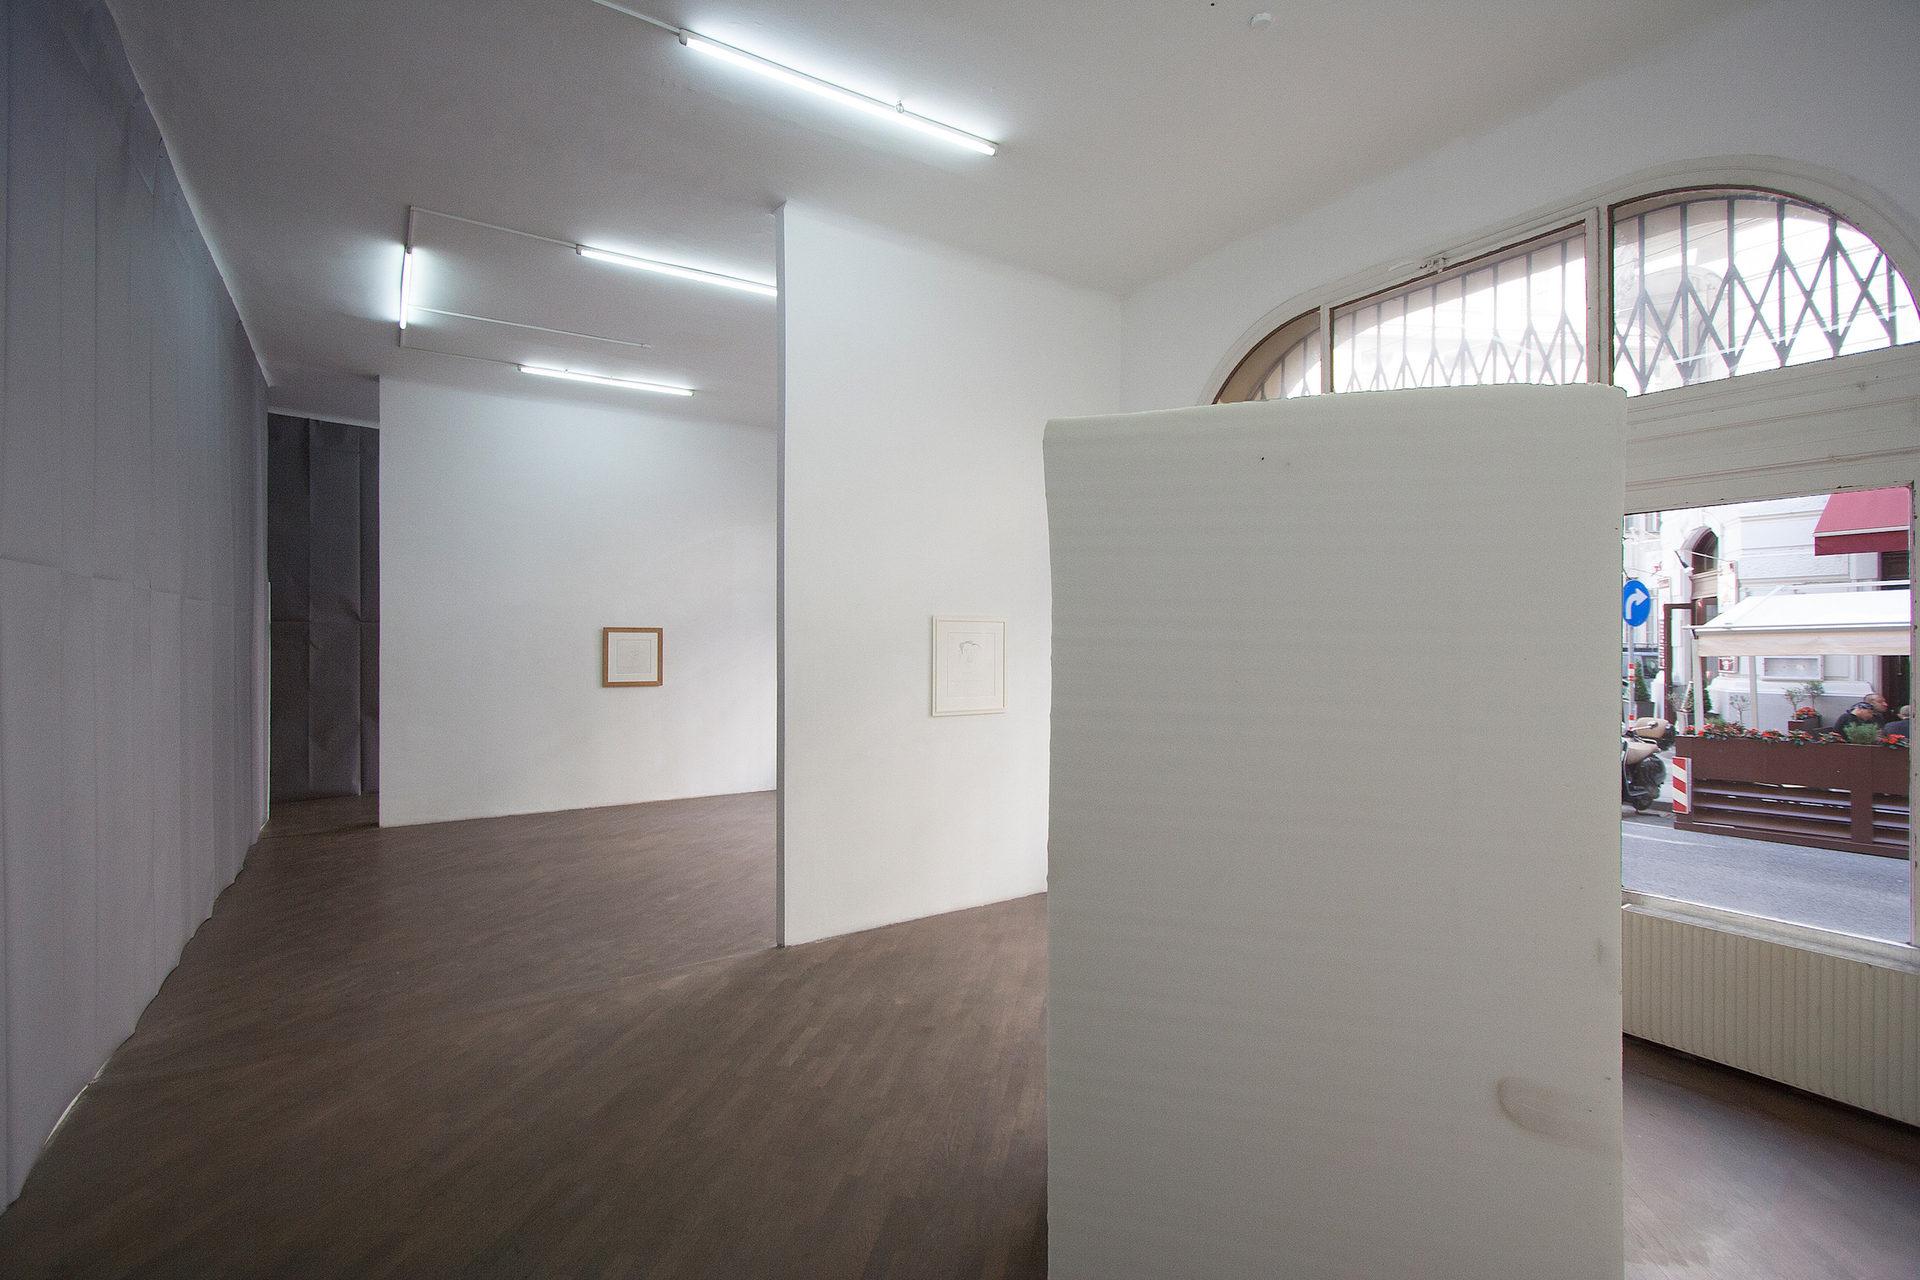 #10-Gerber_McArthur_Nutt_-final-installation-view